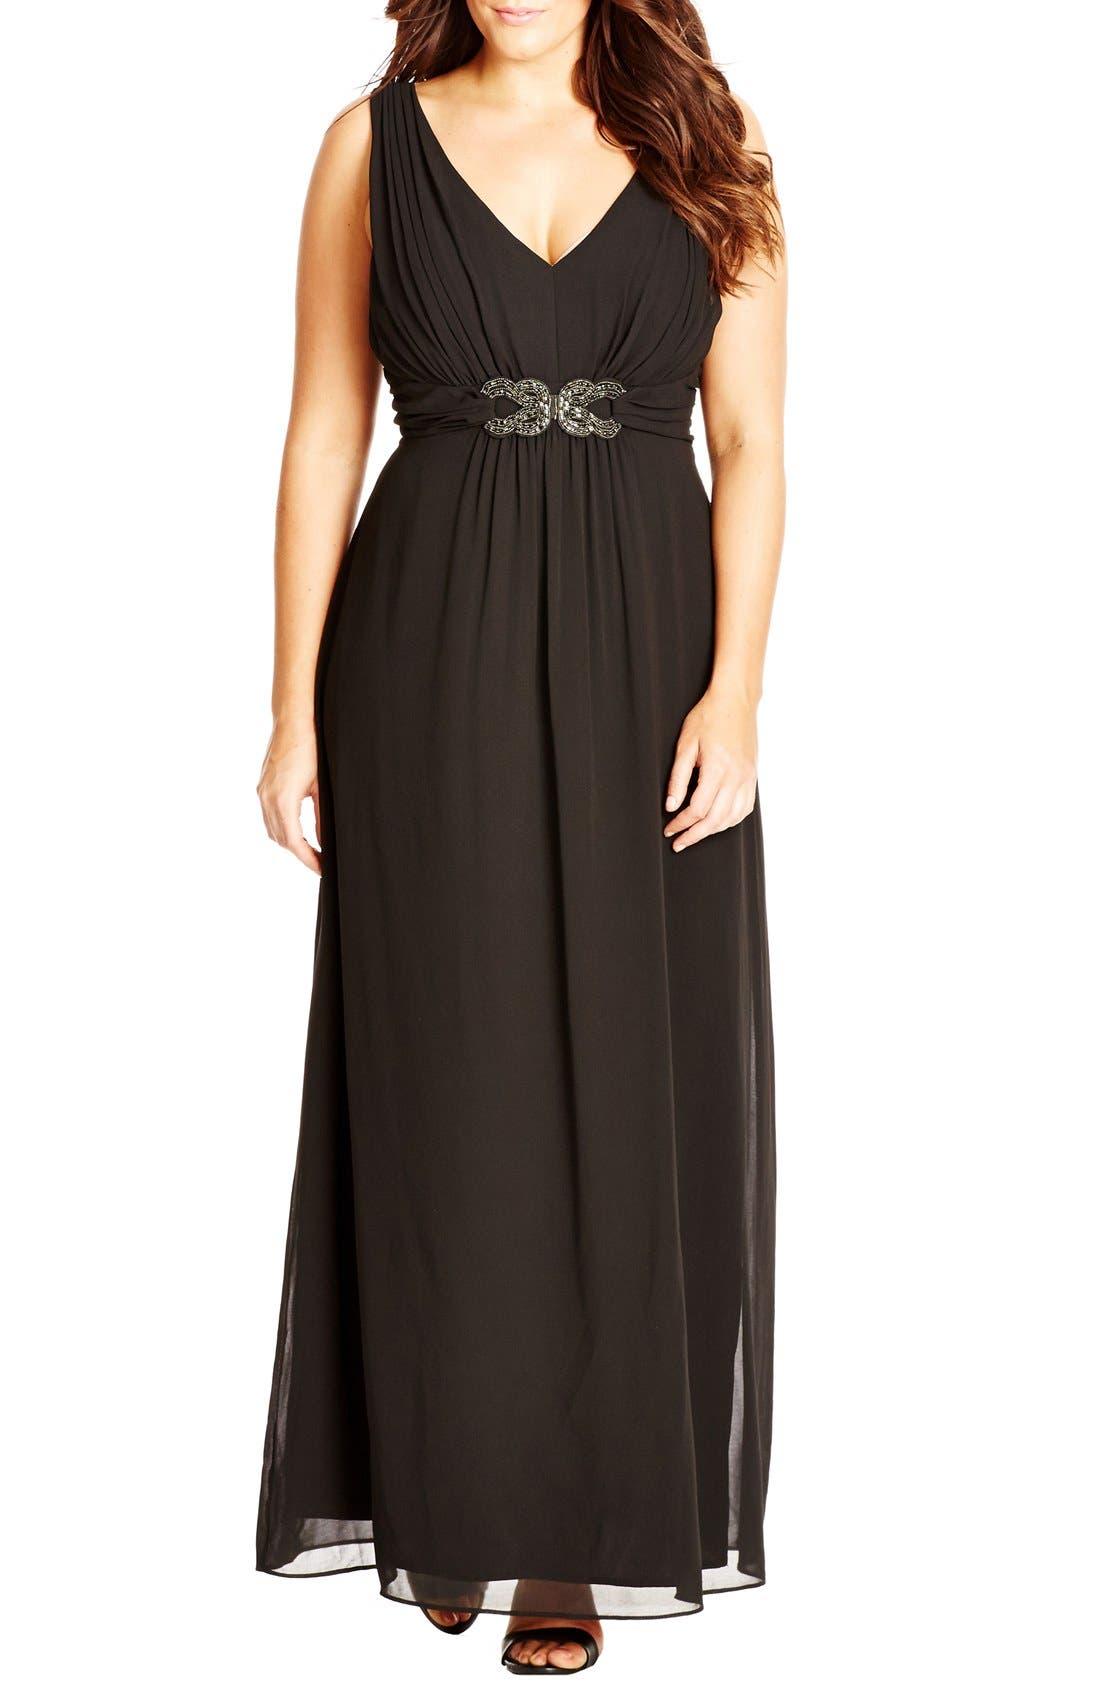 Main Image - City Chic 'Elegant Sparkle' Embellished Maxi Dress (Plus Size)